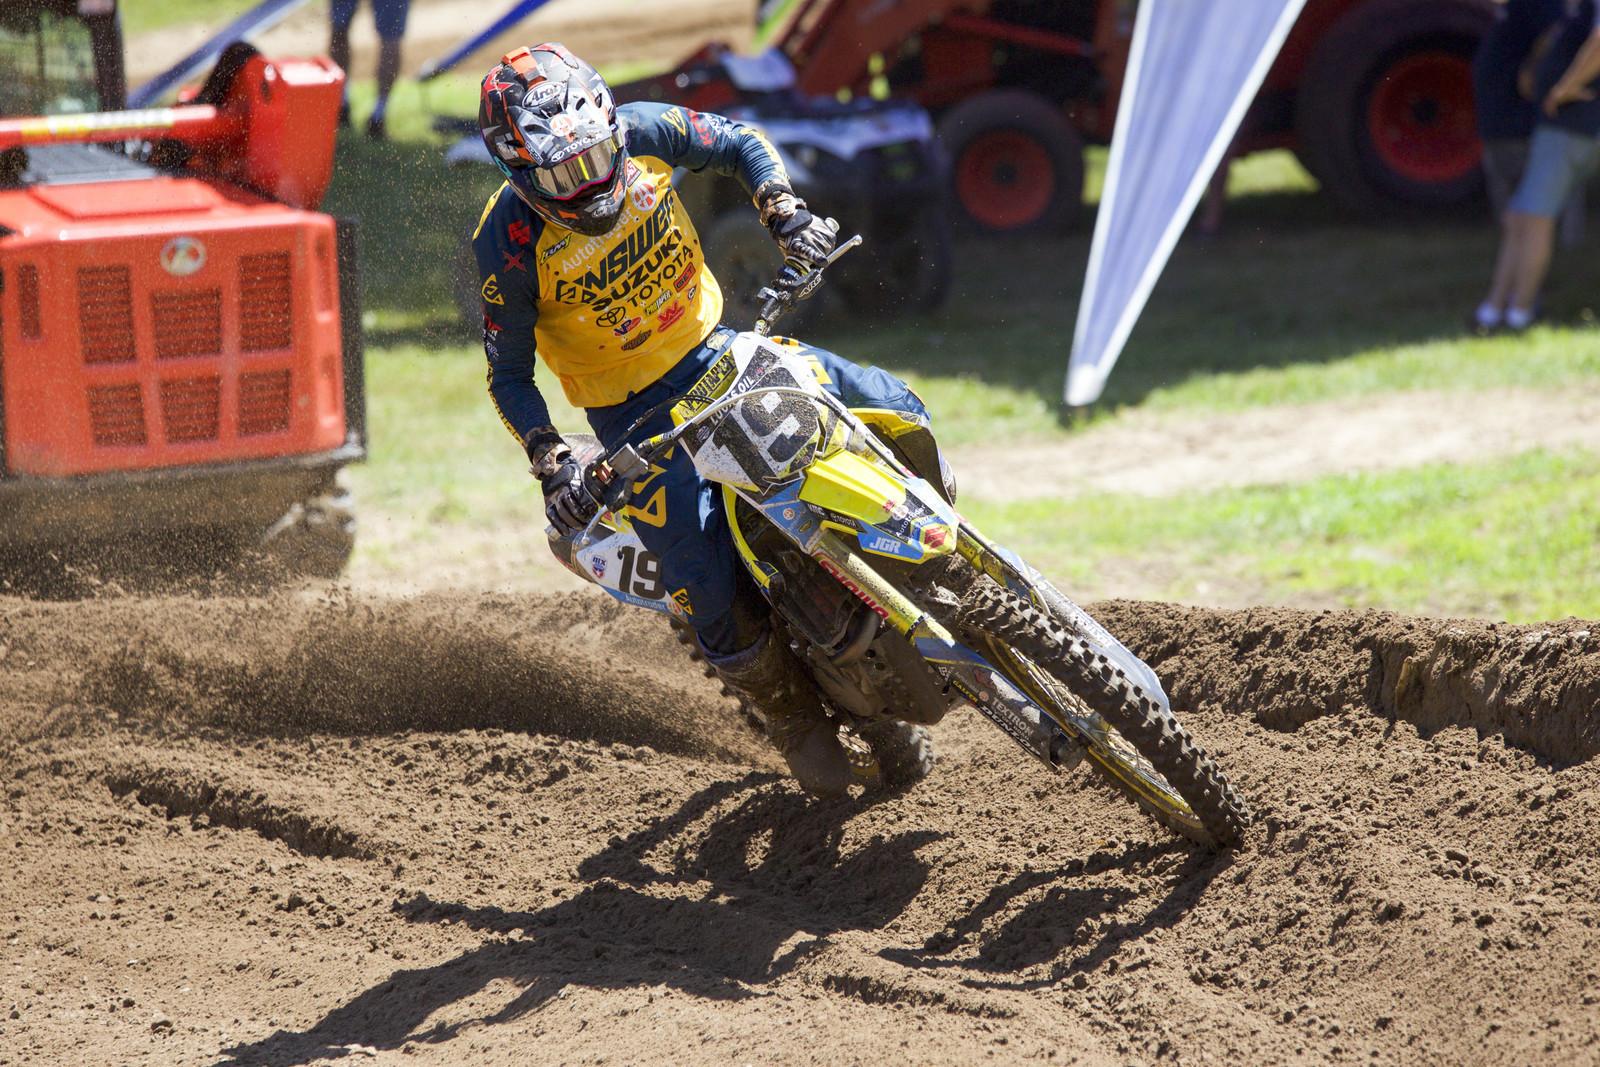 Justin Bogle Sidelined for Remainder of 2018 Lucas Oil Pro Motocross Championship